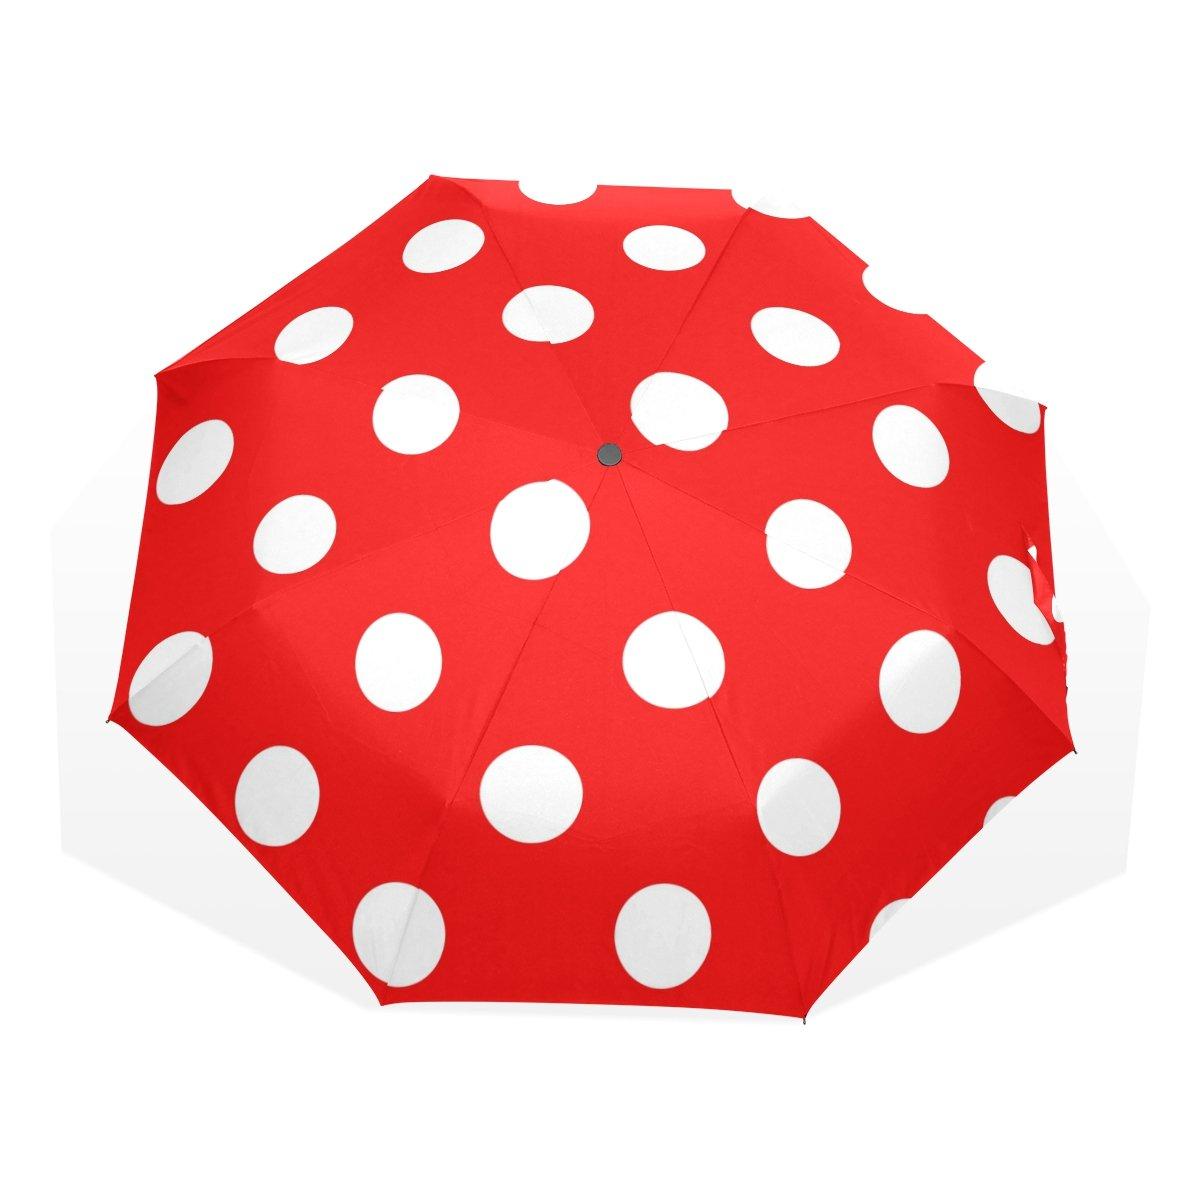 GUKENZ 水玉模様の赤い旅行用傘 軽量 紫外線対策 日傘 男女兼用 防風 折りたたみ式コンパクト傘   B07FY9VQ9P